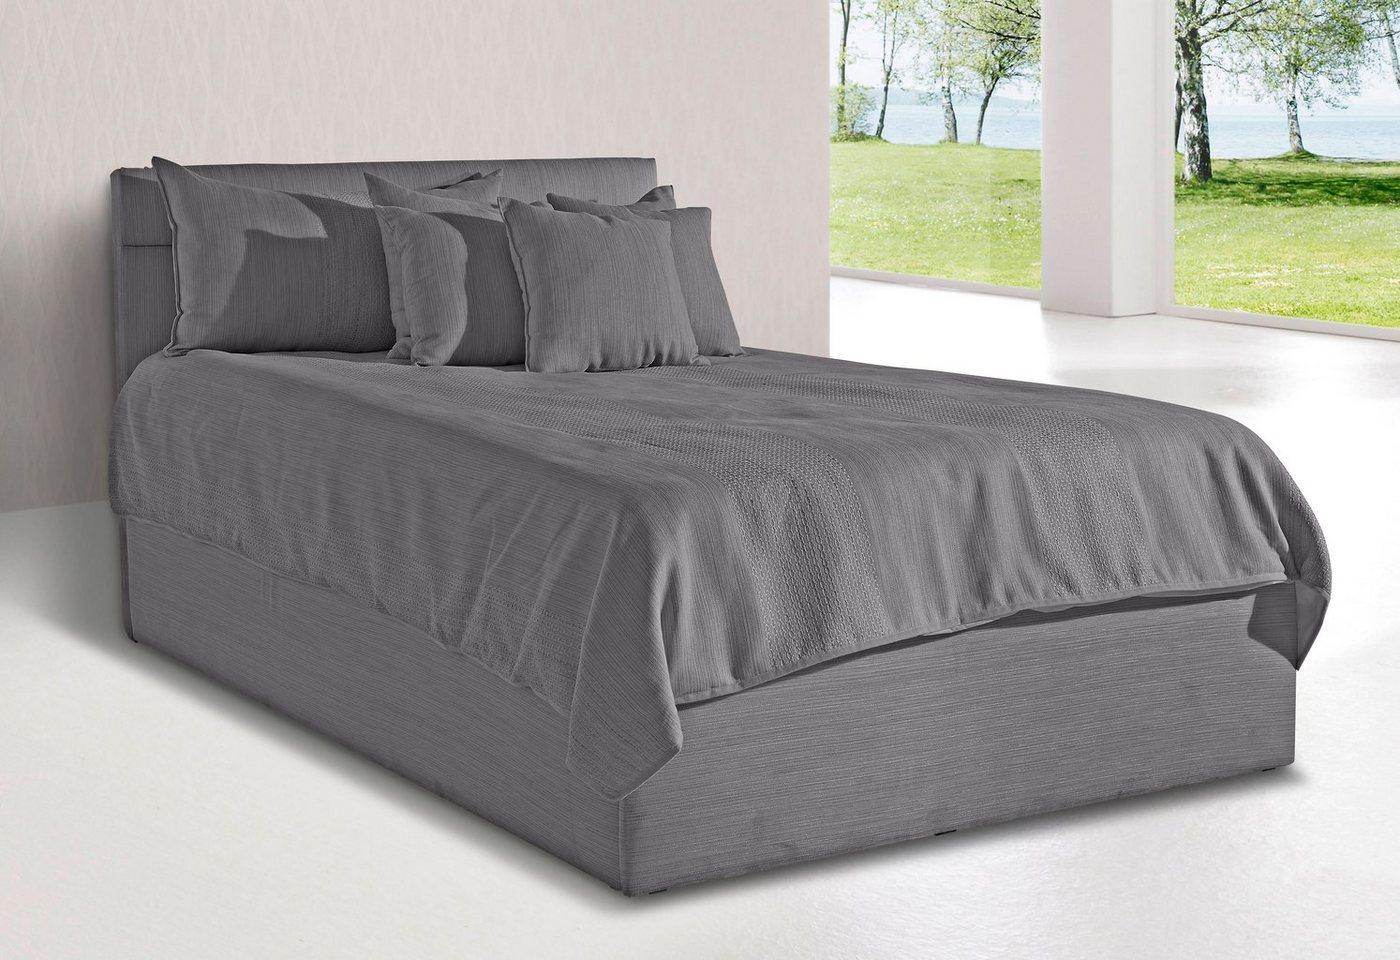 WESTFALIA POLSTERBETTEN Bed verstelbaar hoofdeind